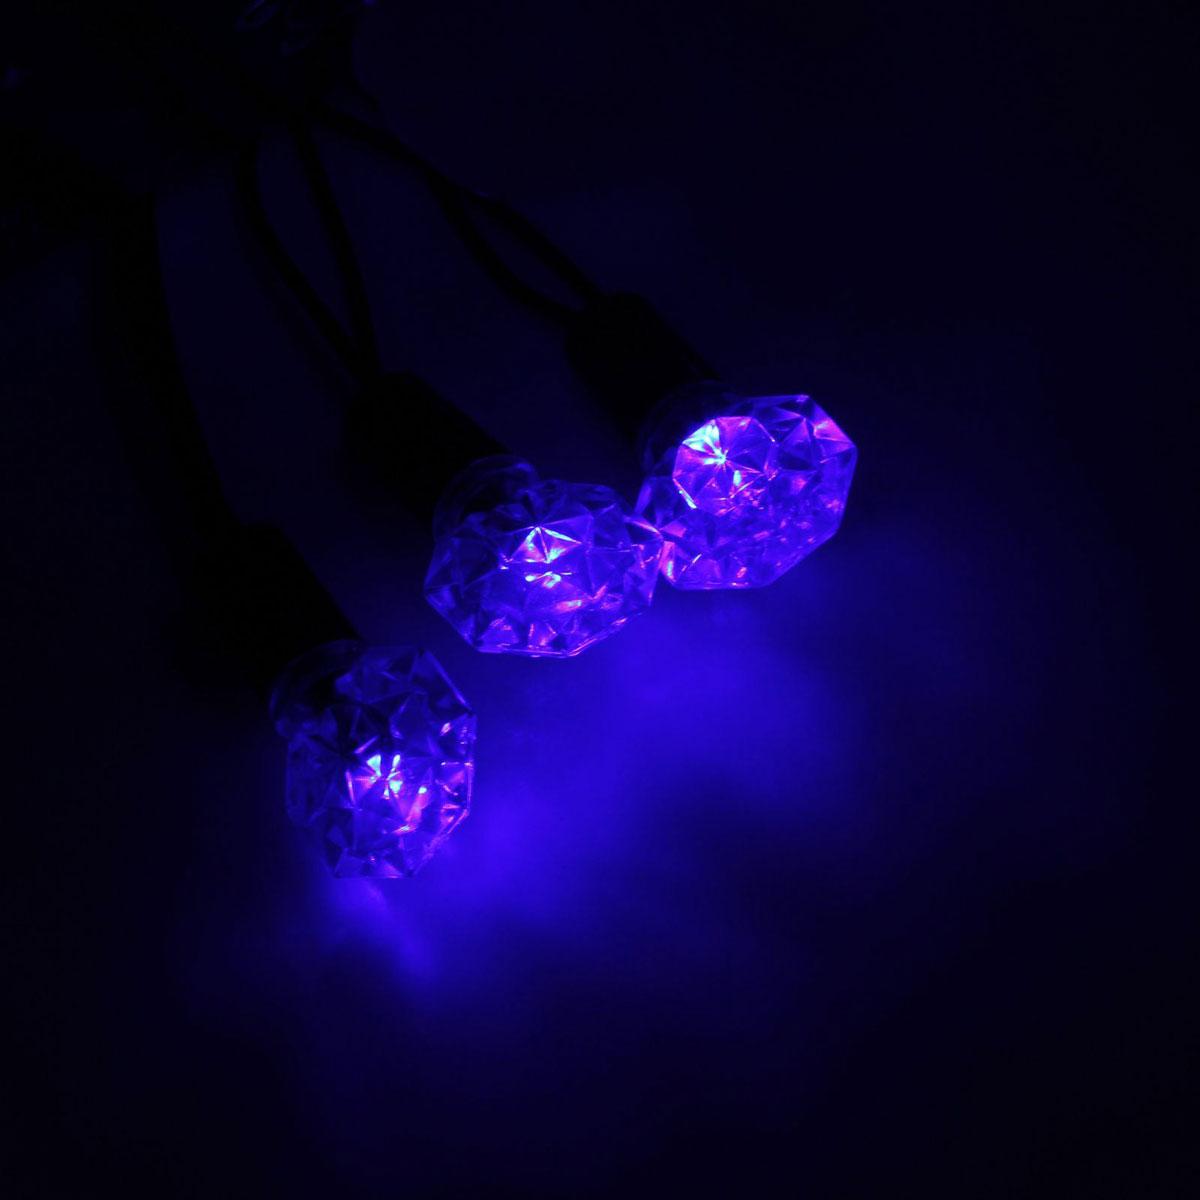 Гирлянда светодиодная Luazon Метраж. Грани, уличная с насадкой, фиксинг, 40 ламп, 220 V, 5 м, цвет: синий. 10800731080073Светодиодные гирлянды, ленты и т.д. — это отличный вариант для новогоднего оформления интерьера или фасада. С их помощью помещение любого размера можно превратить в праздничный зал, а внешние элементы зданий, украшенные ими, мгновенно станут напоминать очертания сказочного дворца. Такие украшения создают ауру предвкушения чуда. Деревья, фасады, витрины, окна и арки будто специально созданы, чтобы вы украсили их светящимися нитями.